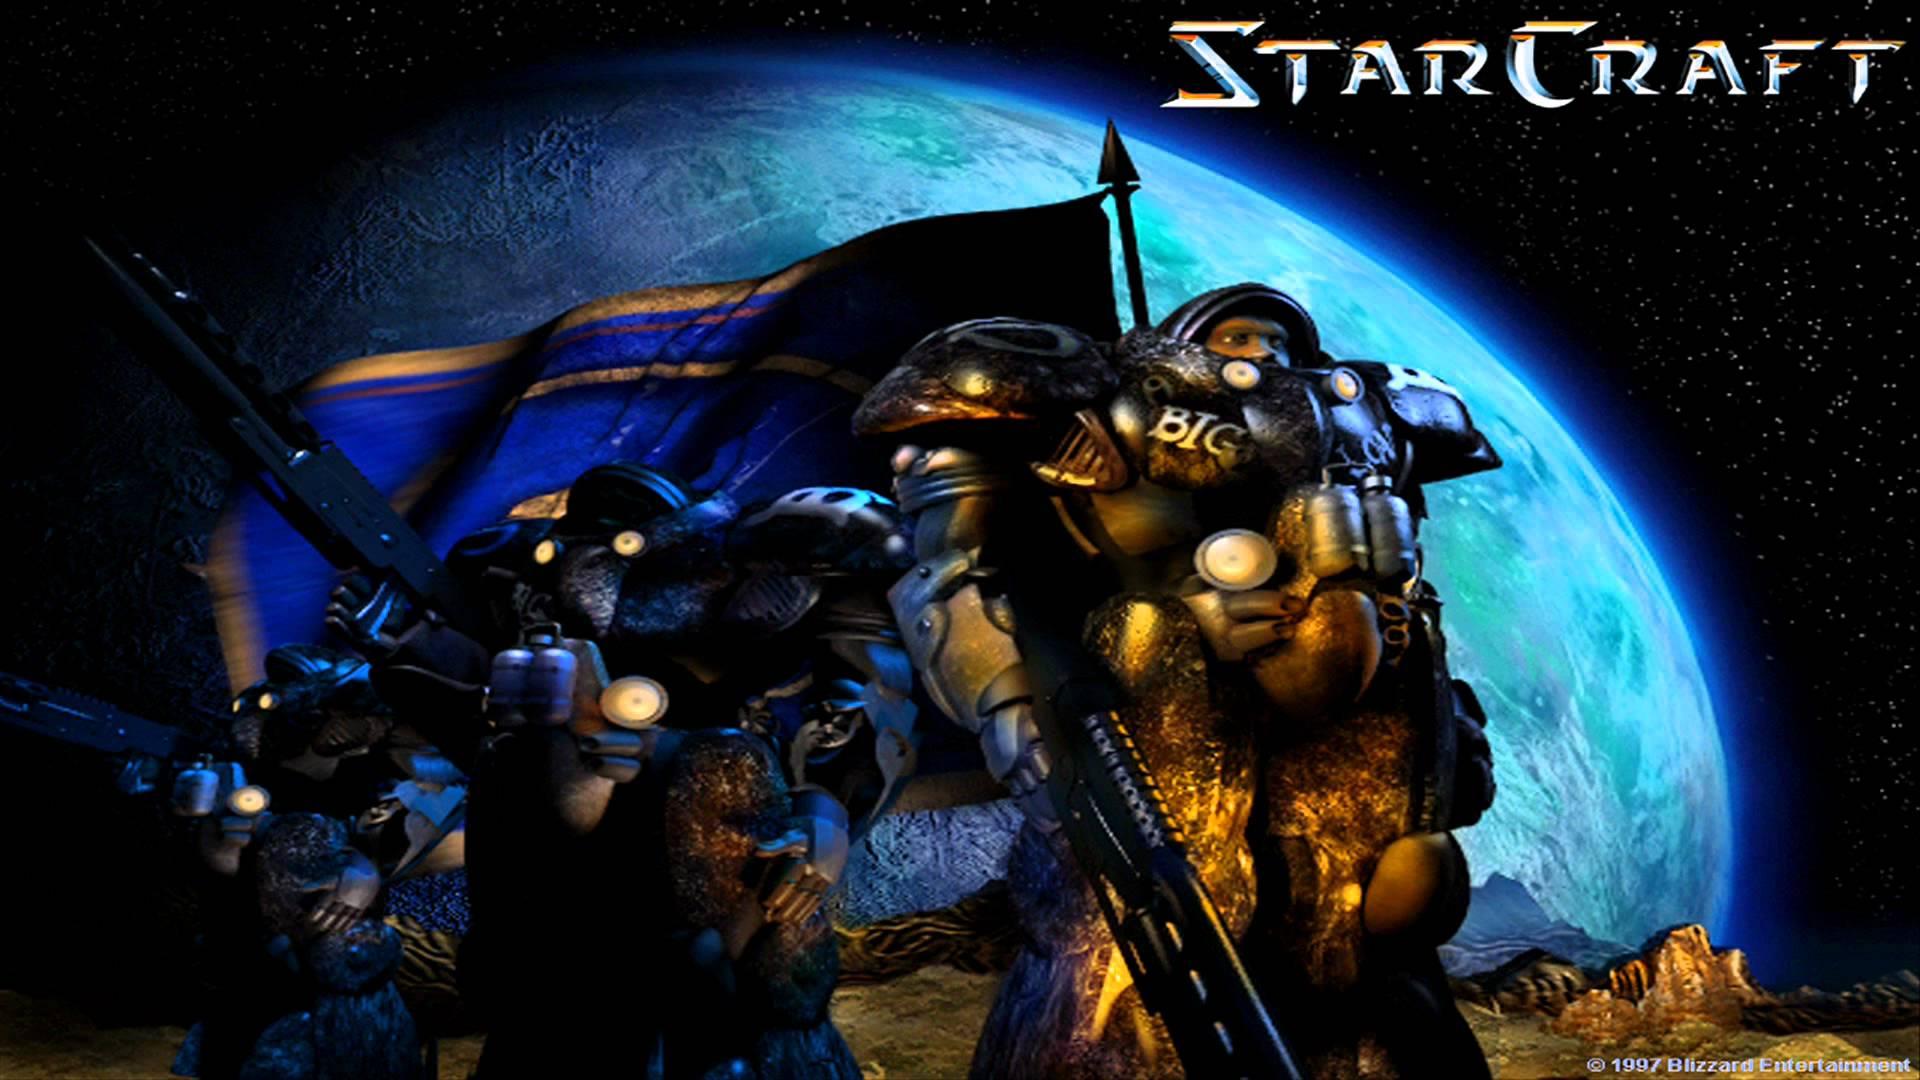 Starcraft foi publicado em 1998 para PC e Mac